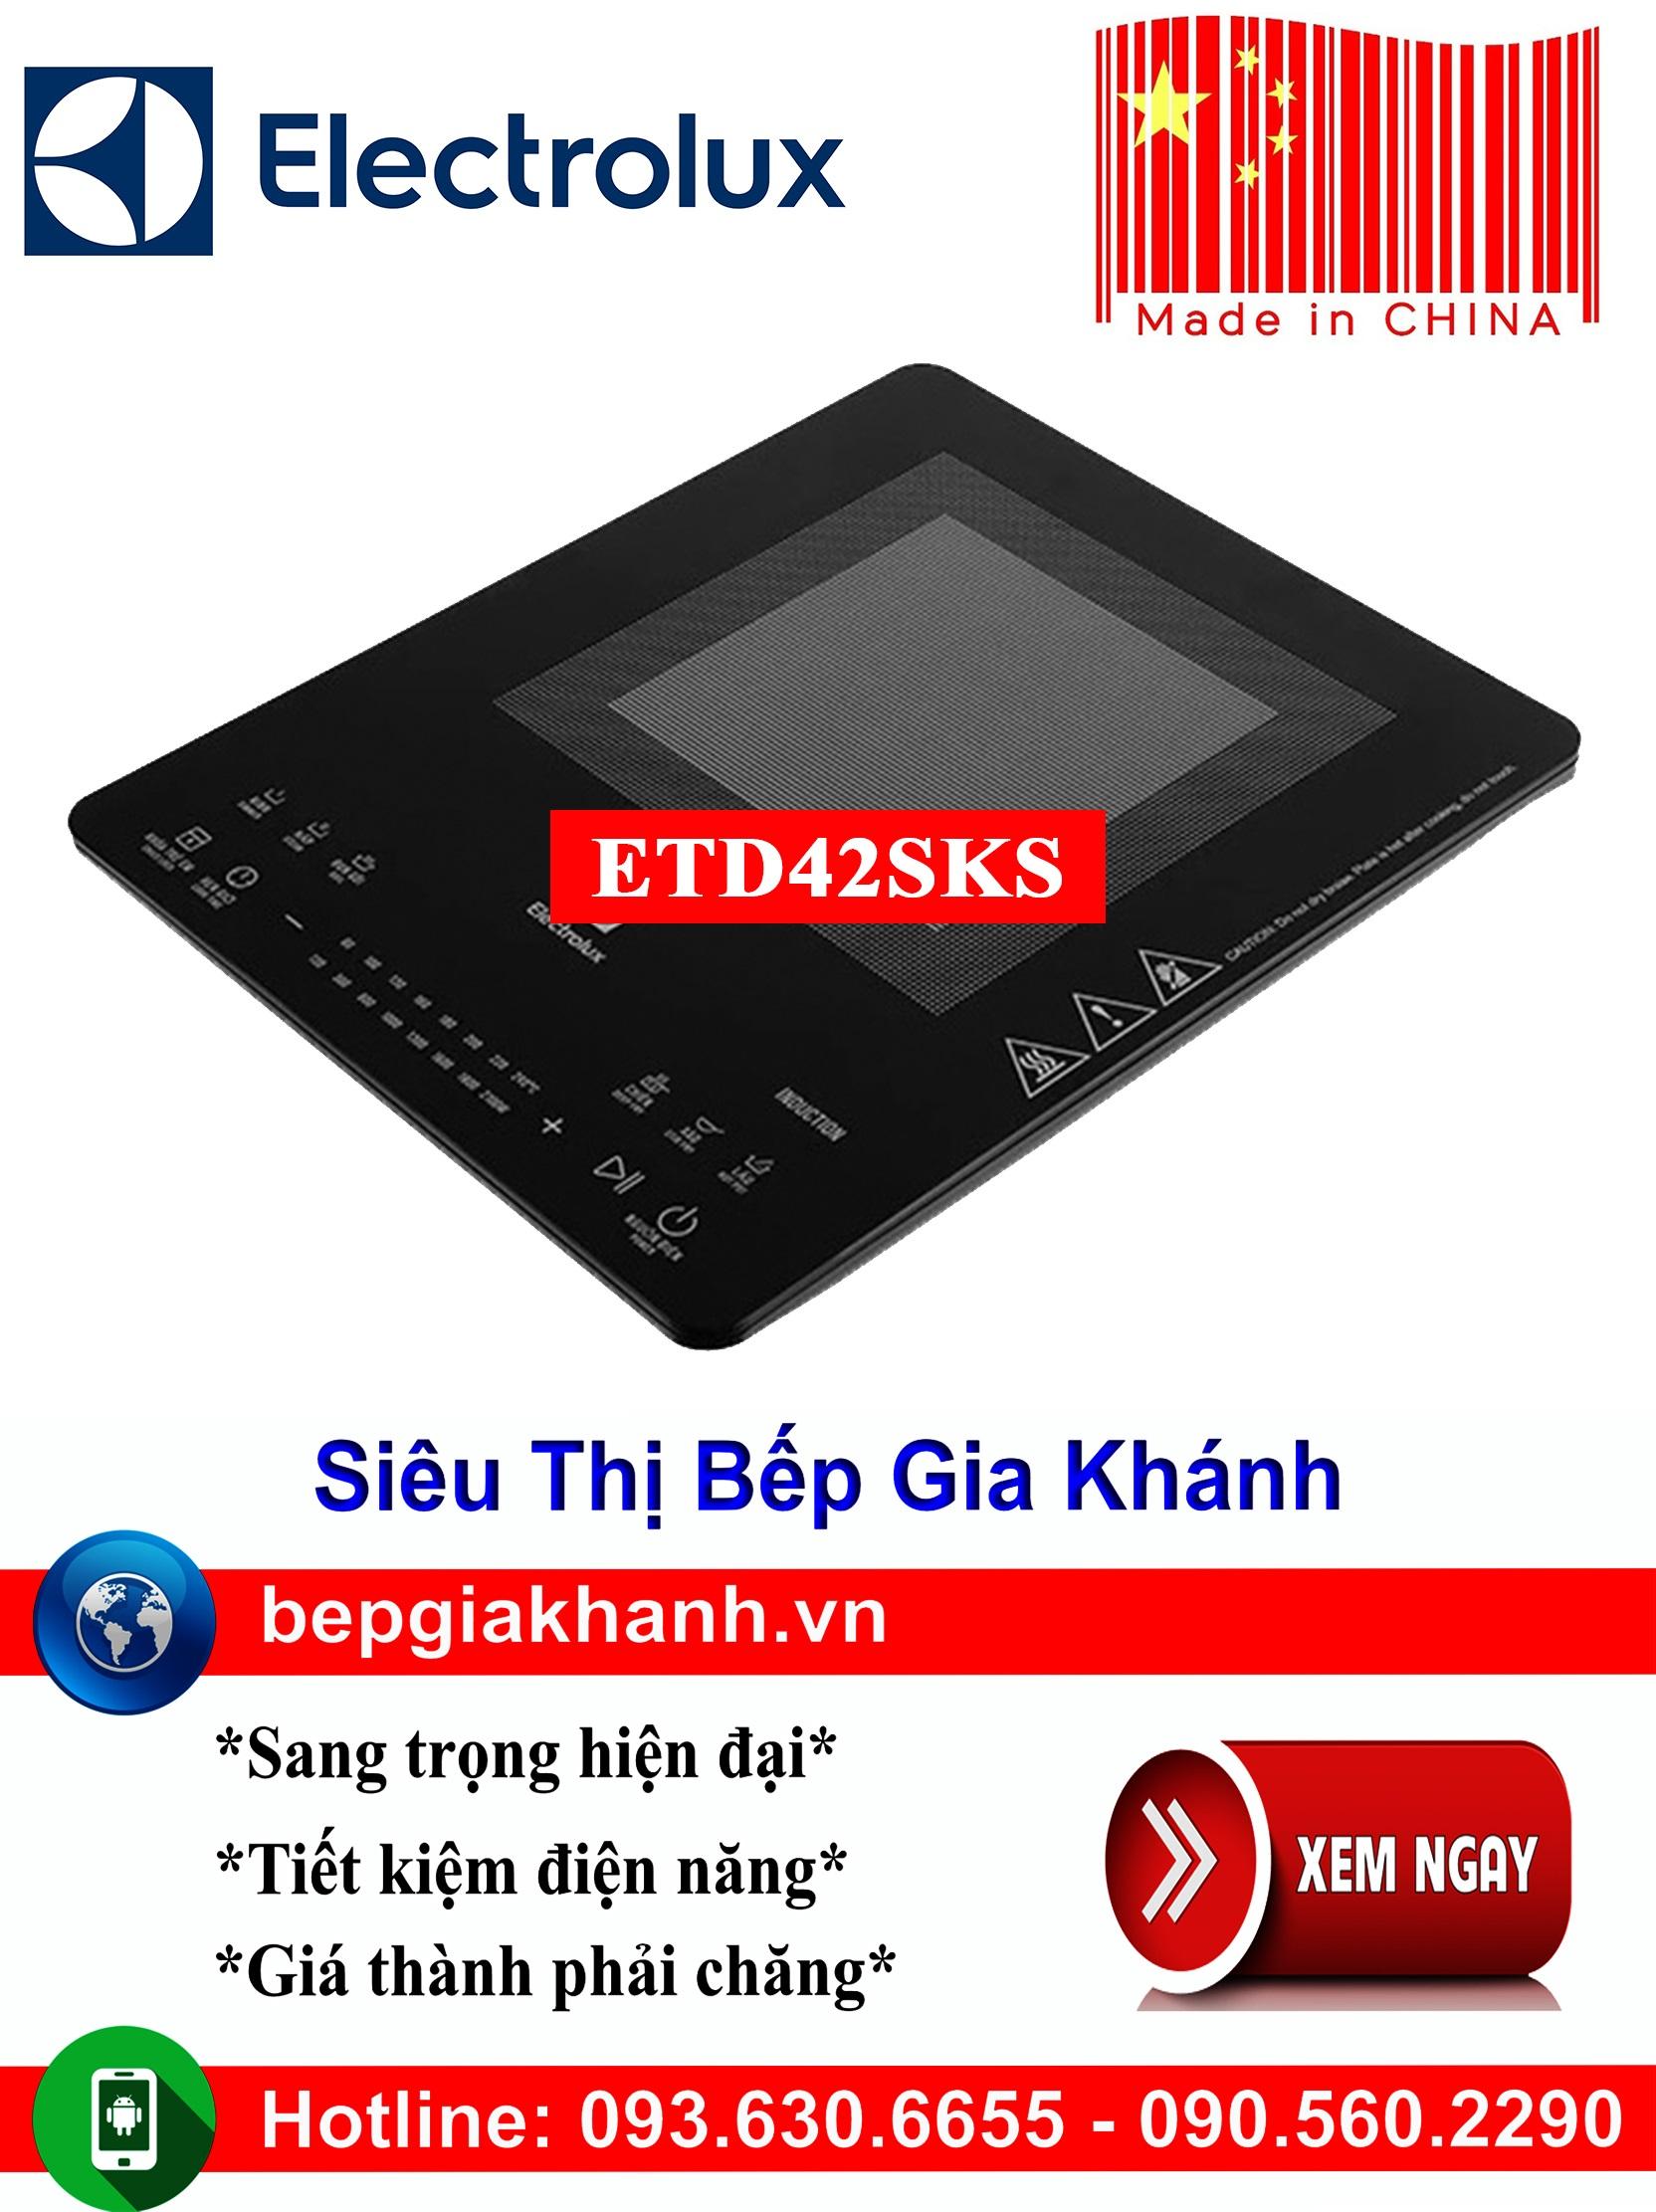 Bếp từ đơn Electrolux ETD42SKS sản xuất Trung Quốc, bếp từ, bếp điện từ, bếp từ đôi, bếp điện từ đôi, bếp từ giá rẻ, bếp điện từ giá rẻ, bếp từ đơn, bep tu don, bep tu